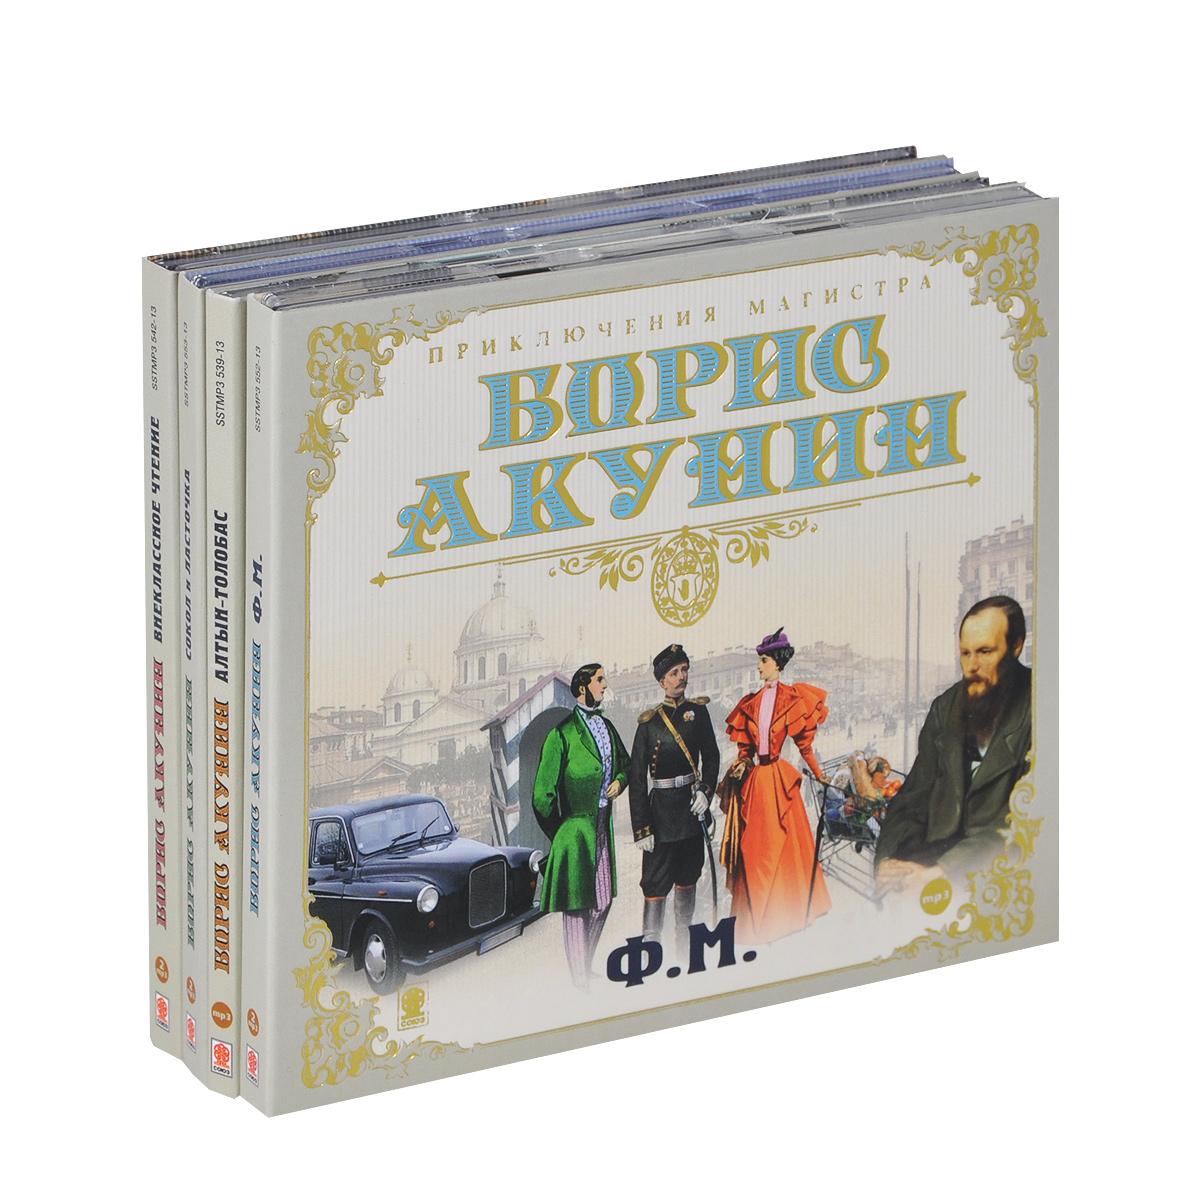 Приключения магистра (комплект из 4 аудикониг MP3 на 7 CD)